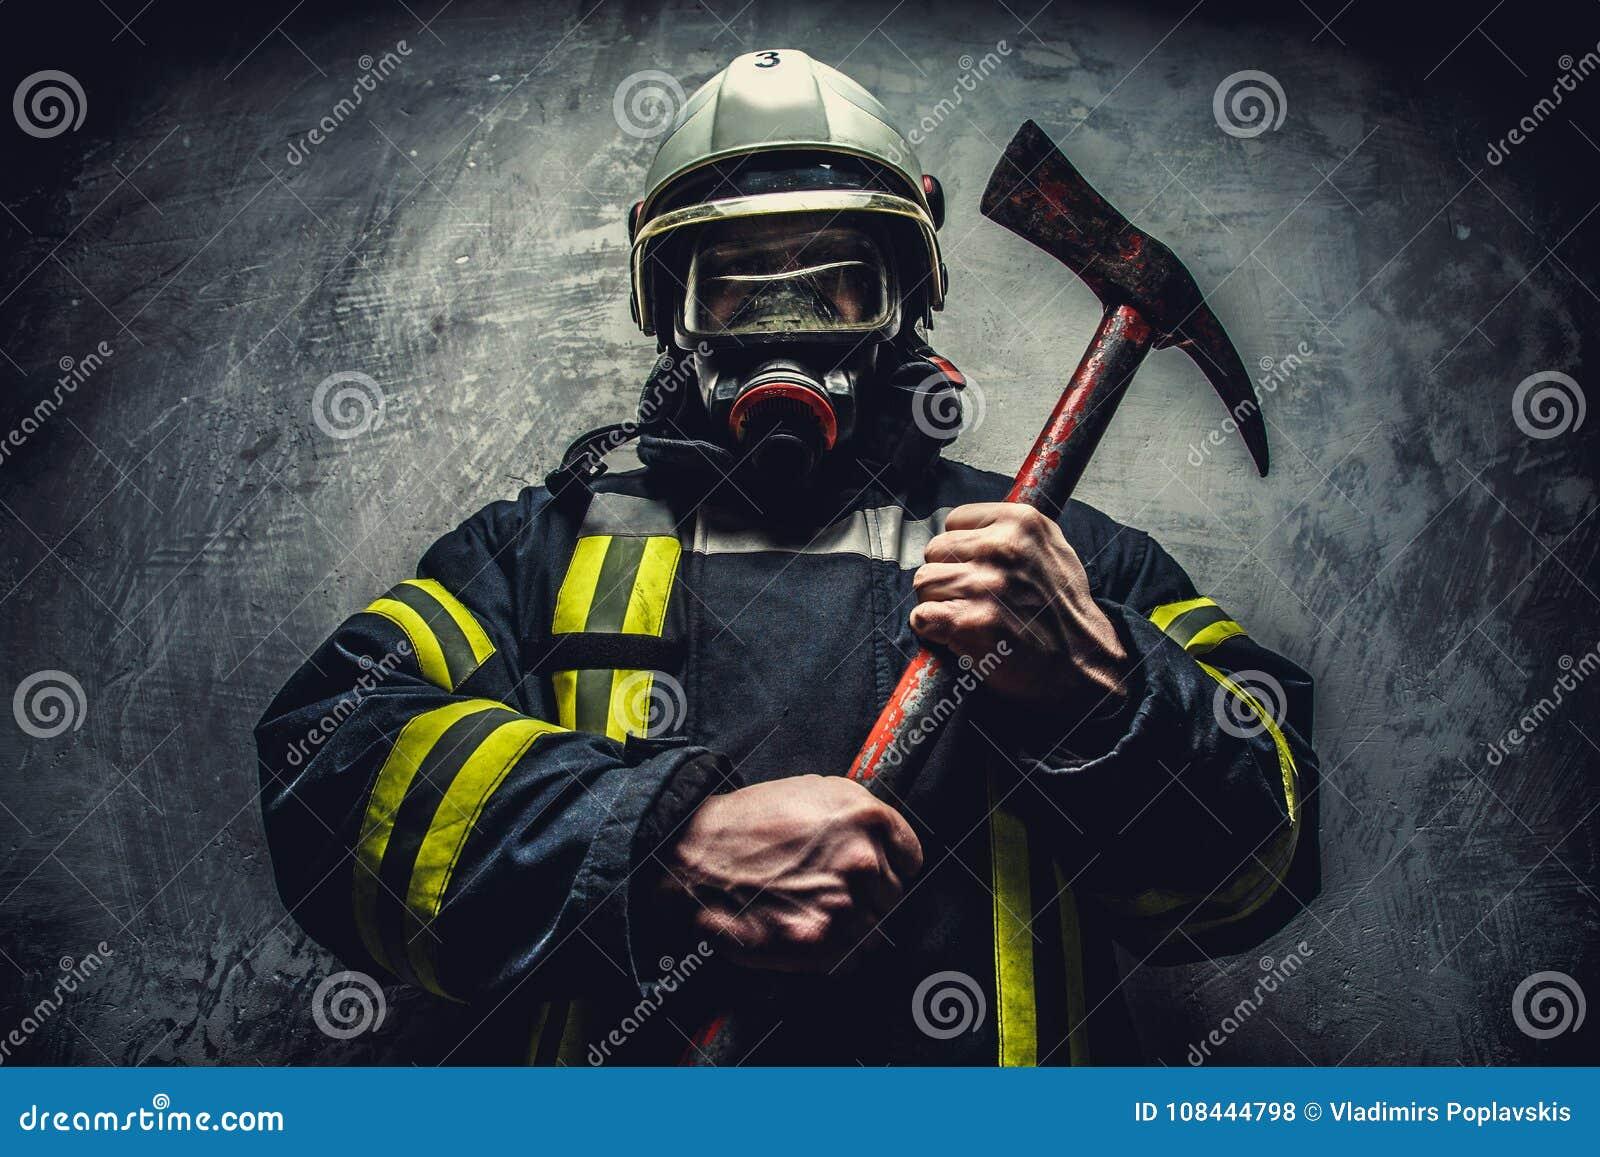 抢救氧气面罩的消防队员人